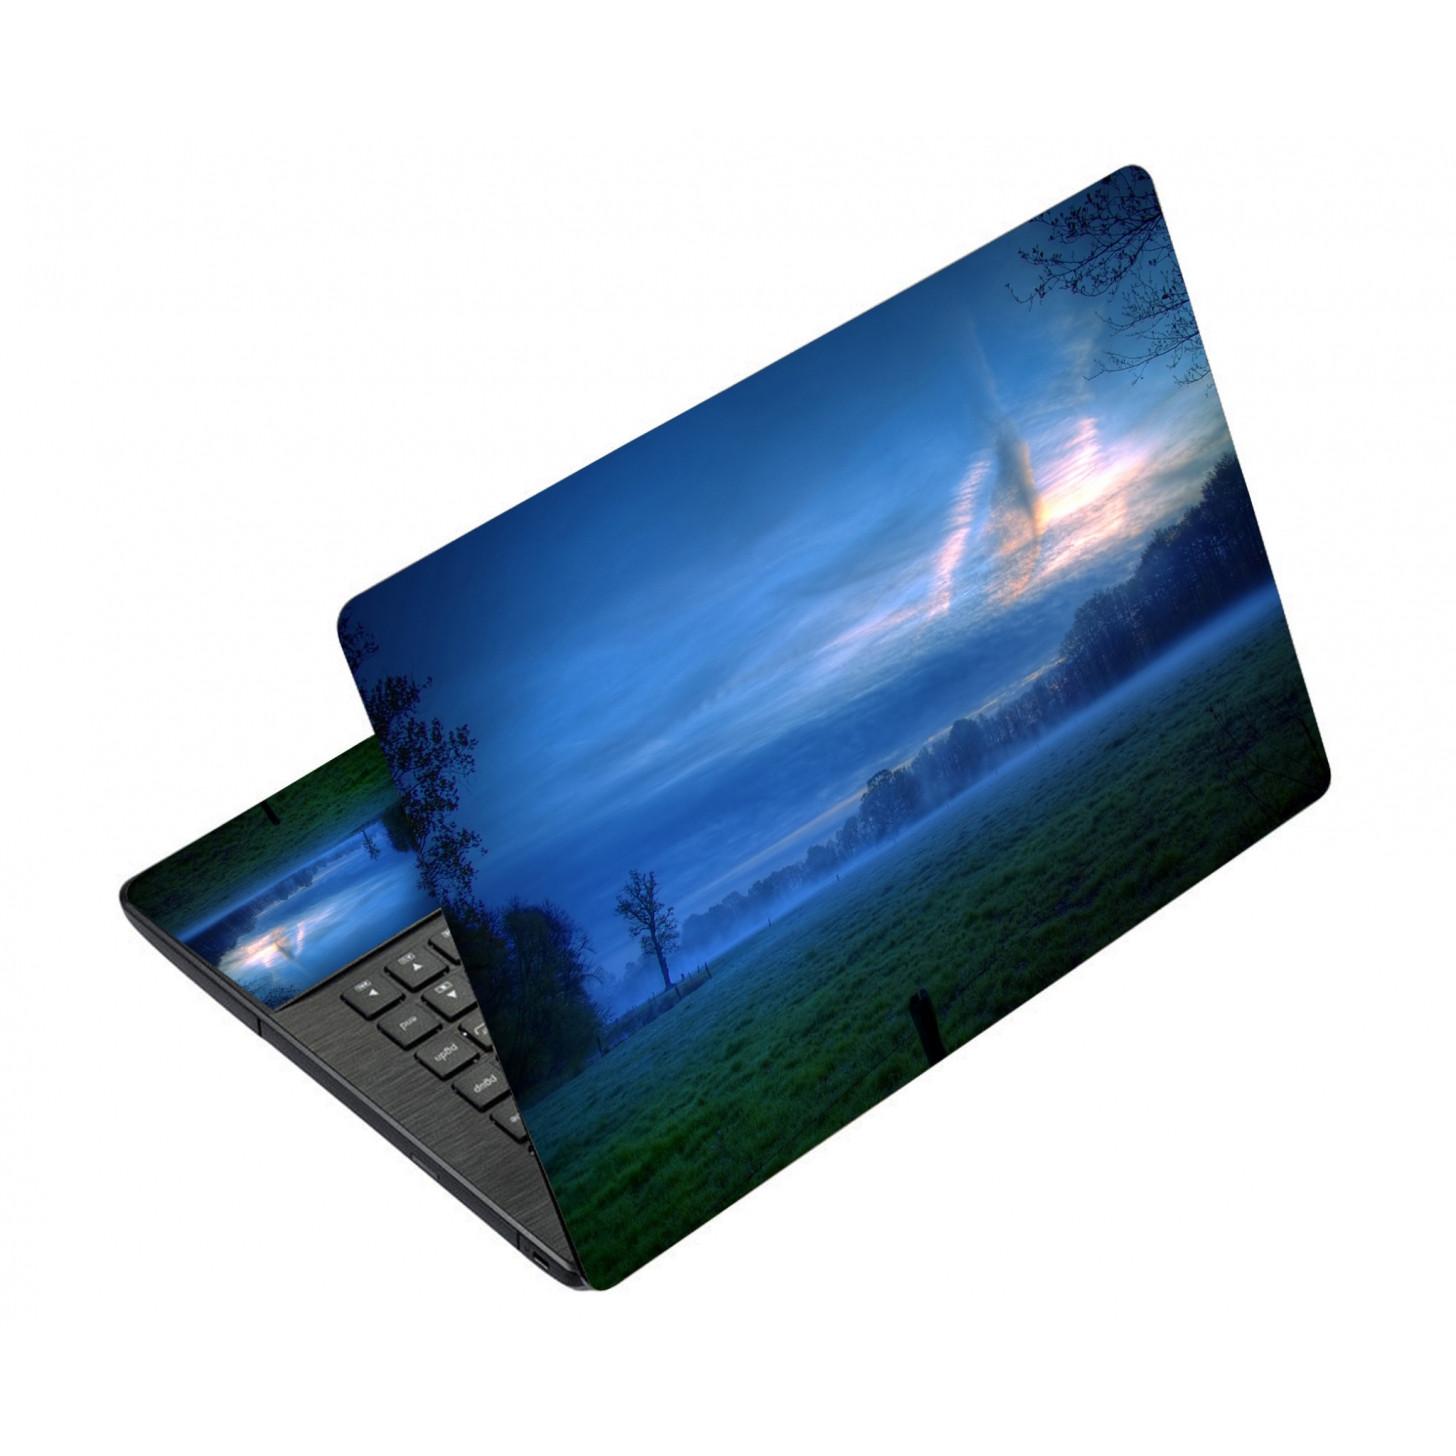 Miếng Dán Decal Dành Cho Laptop - Thiên Nhiên LTTN-39 cỡ 13 inch